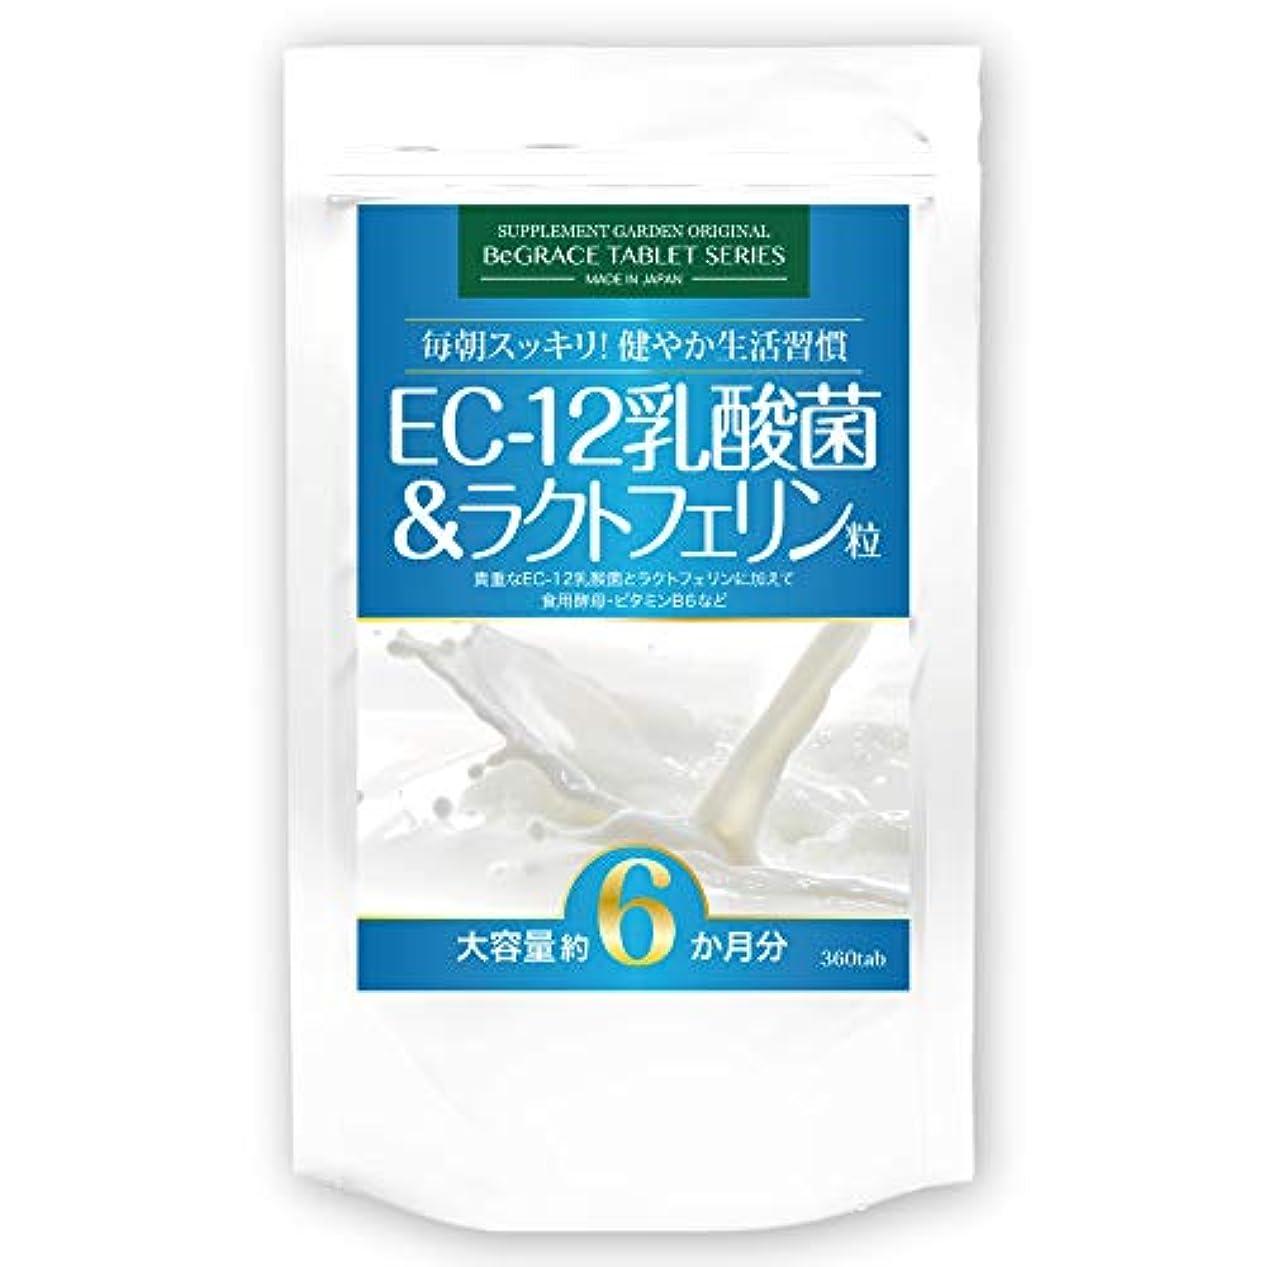 貢献するプットタヒチEC-12乳酸菌&ラクトフェリン粒 大容量約6ヶ月分/360粒(EC-12乳酸菌、ラクトフェリン、ビール酵母、ホエイプロテイン、ビタミンB6)